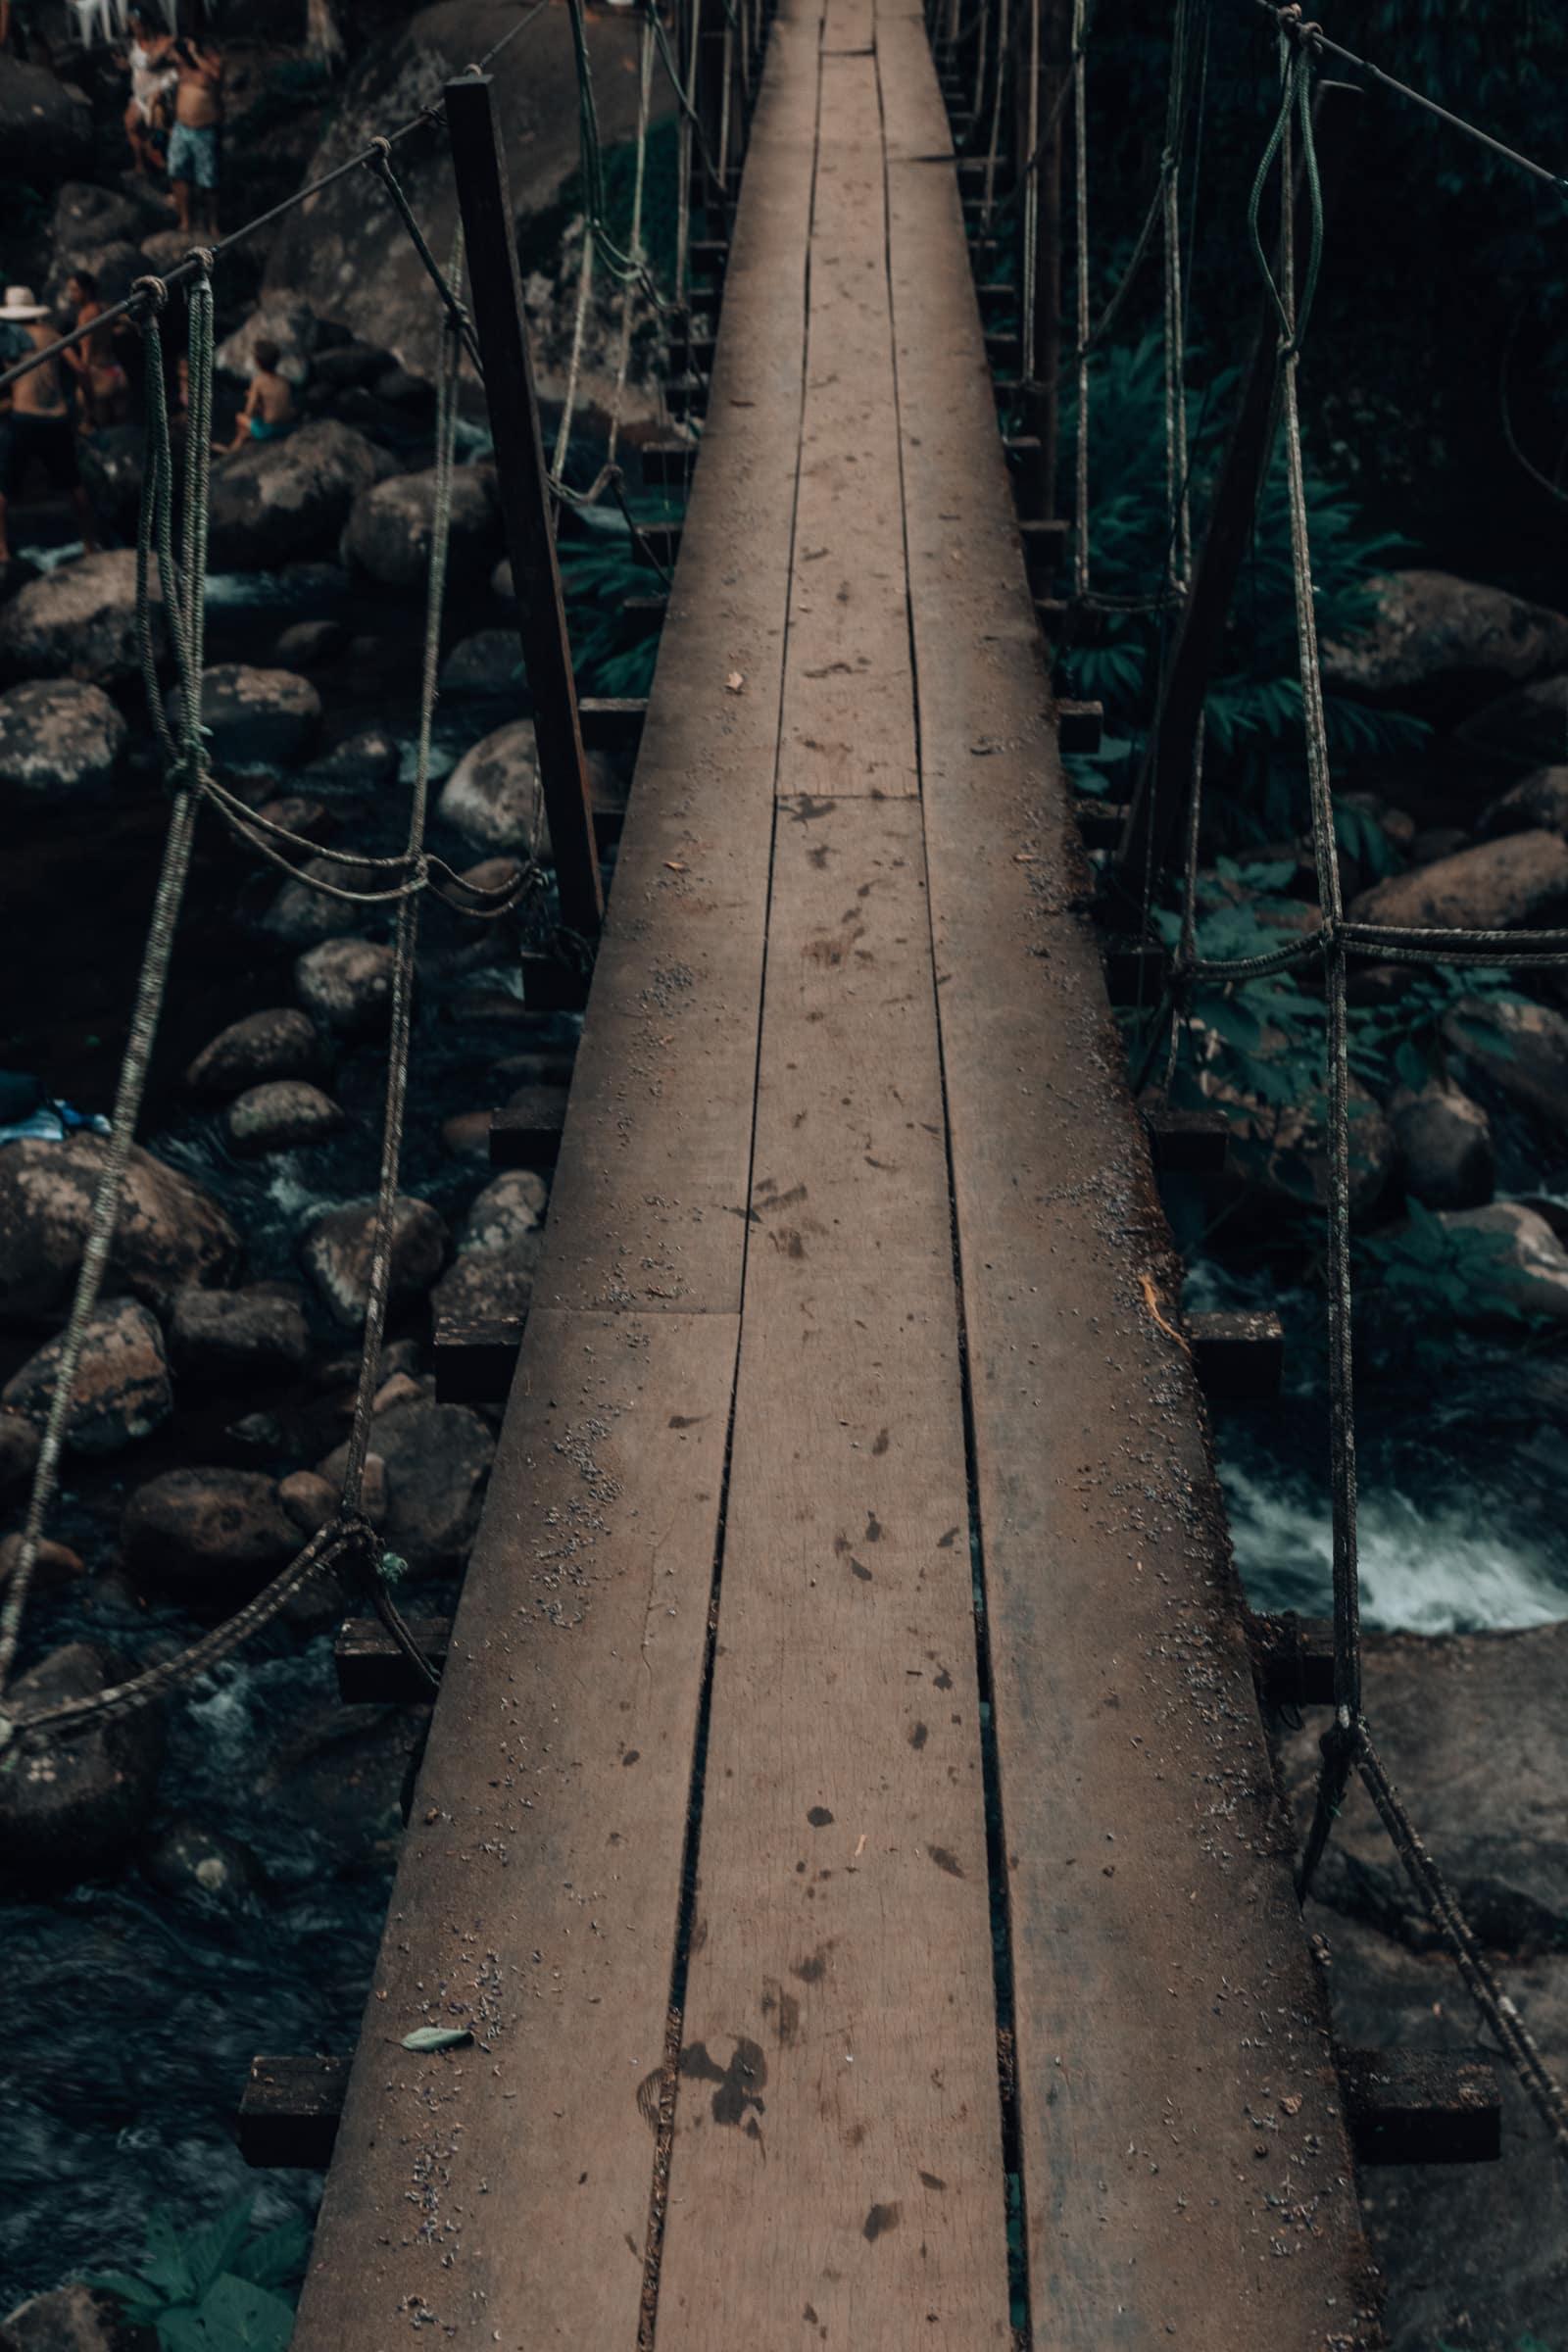 Hängebrücke im dunklen Dschungel